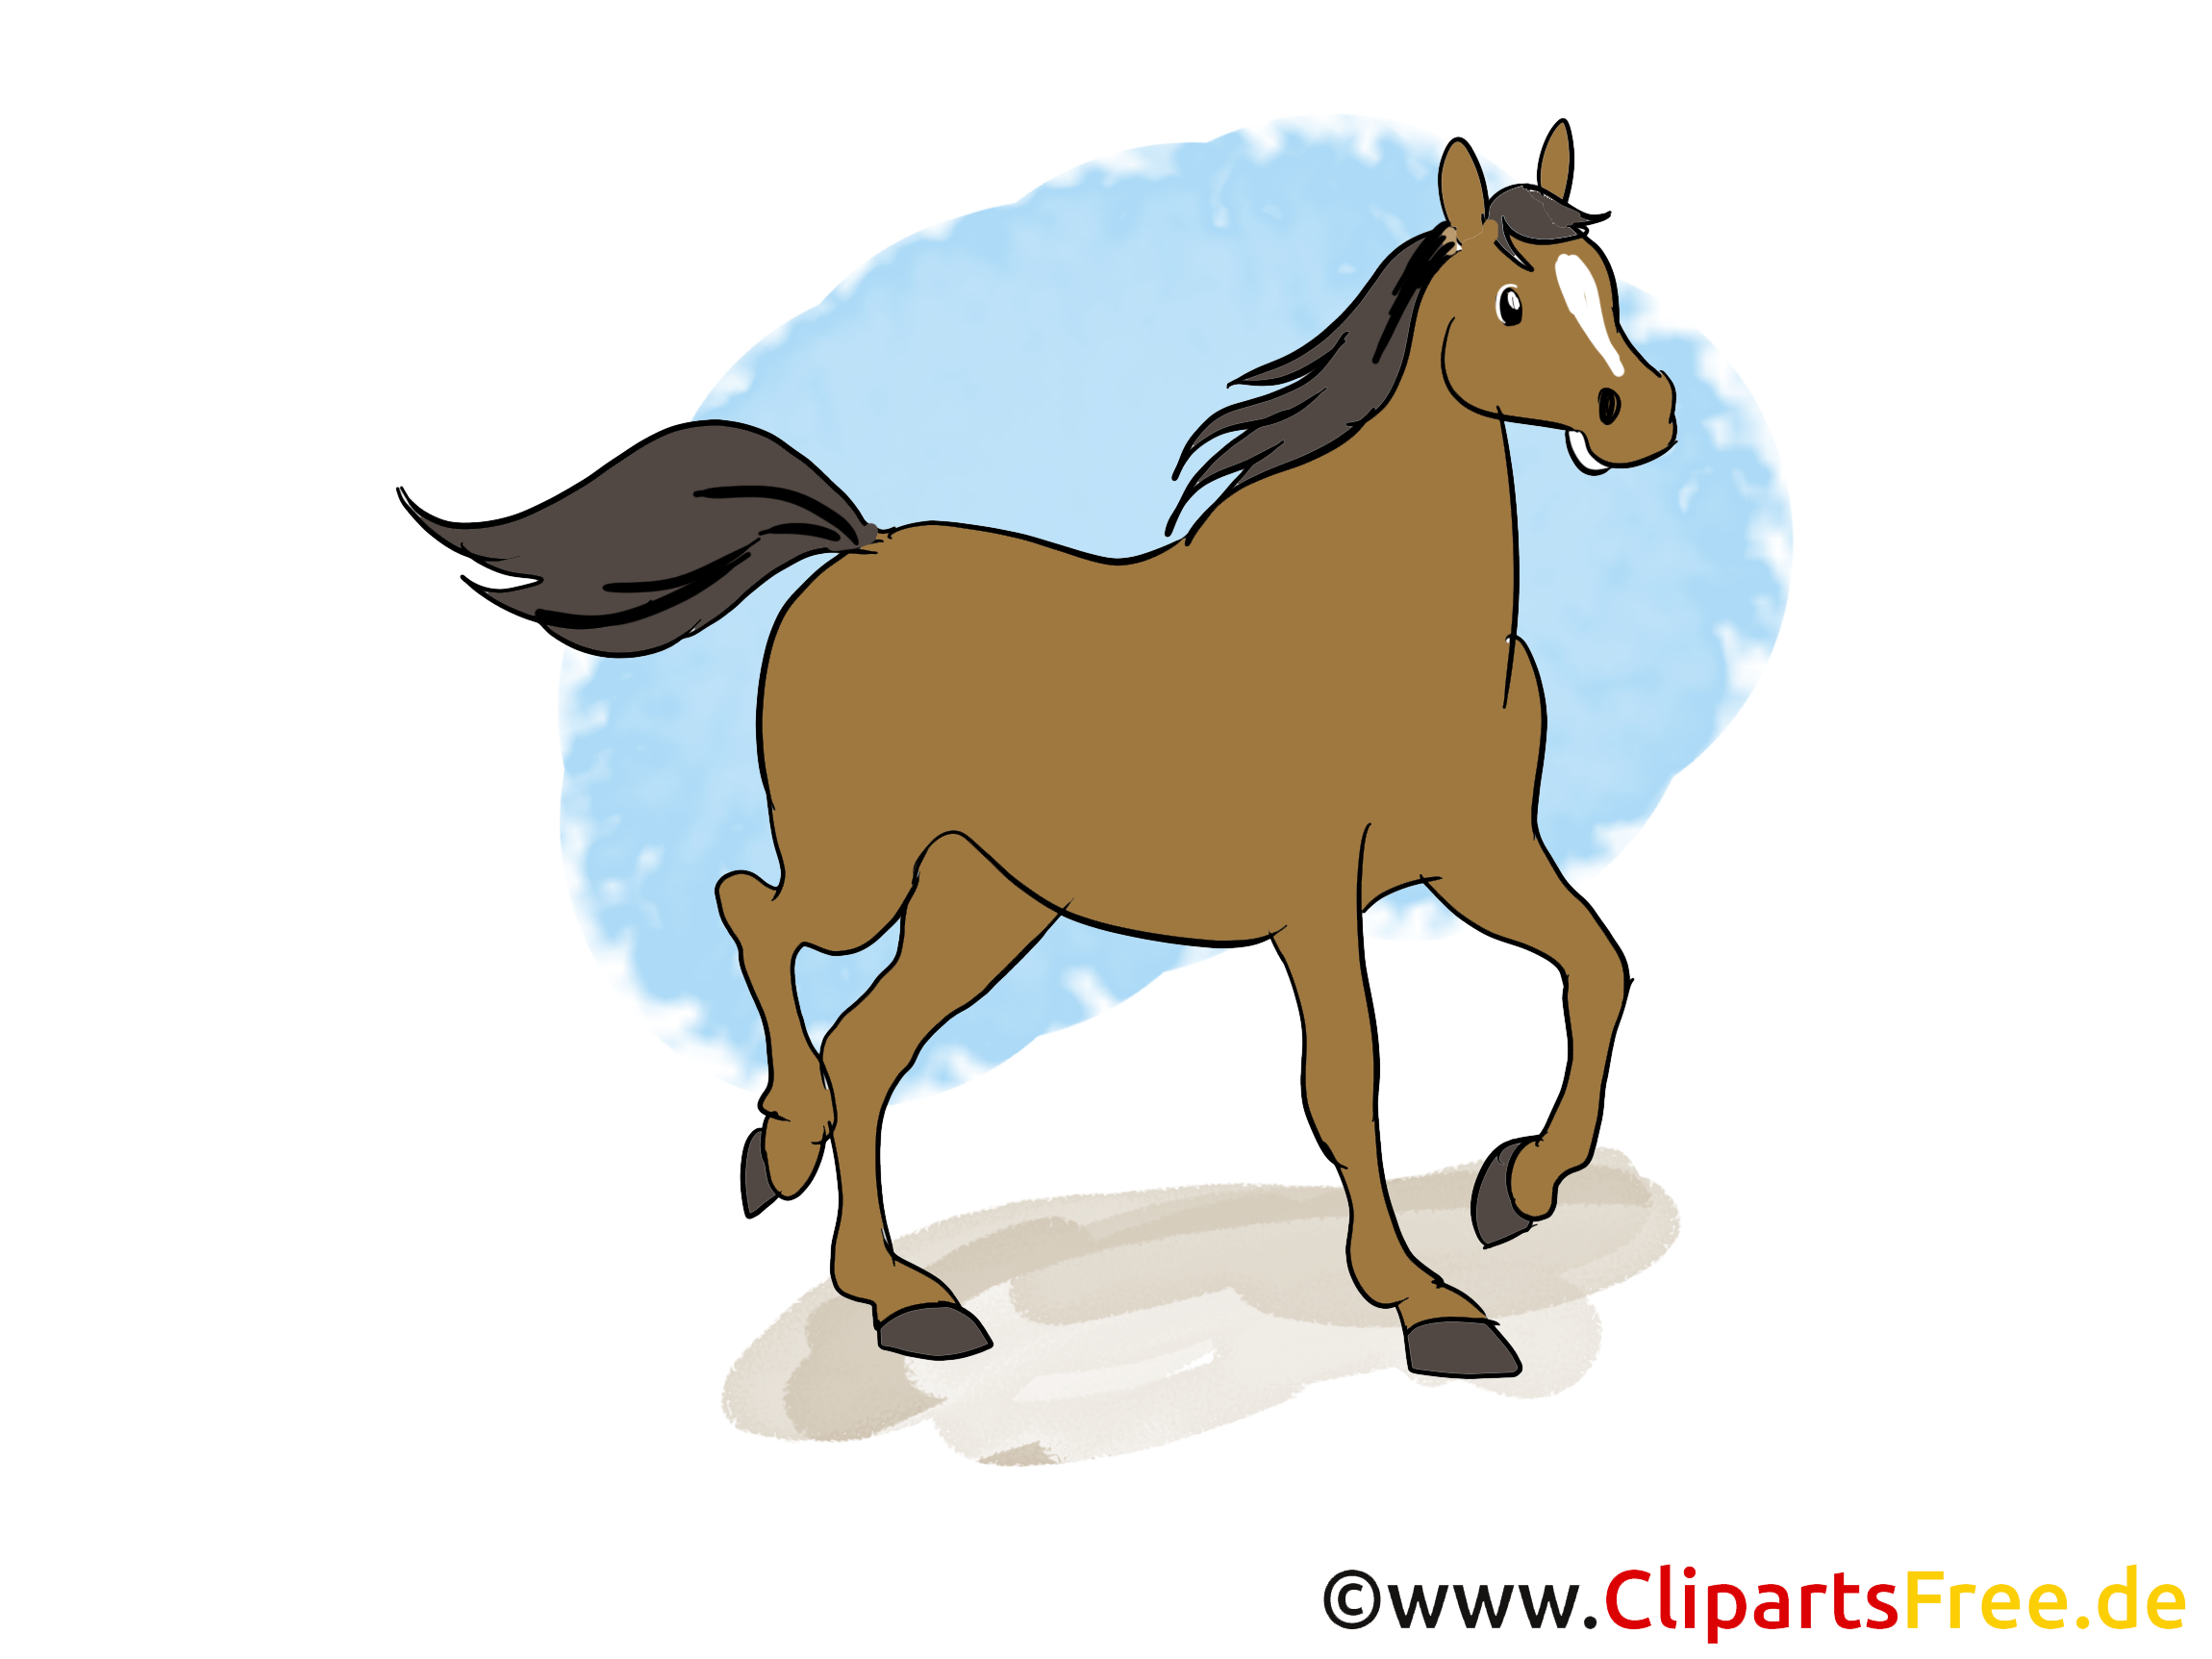 Trotte dessins gratuits cheval clipart chevaux dessin - Clipart cheval gratuit ...